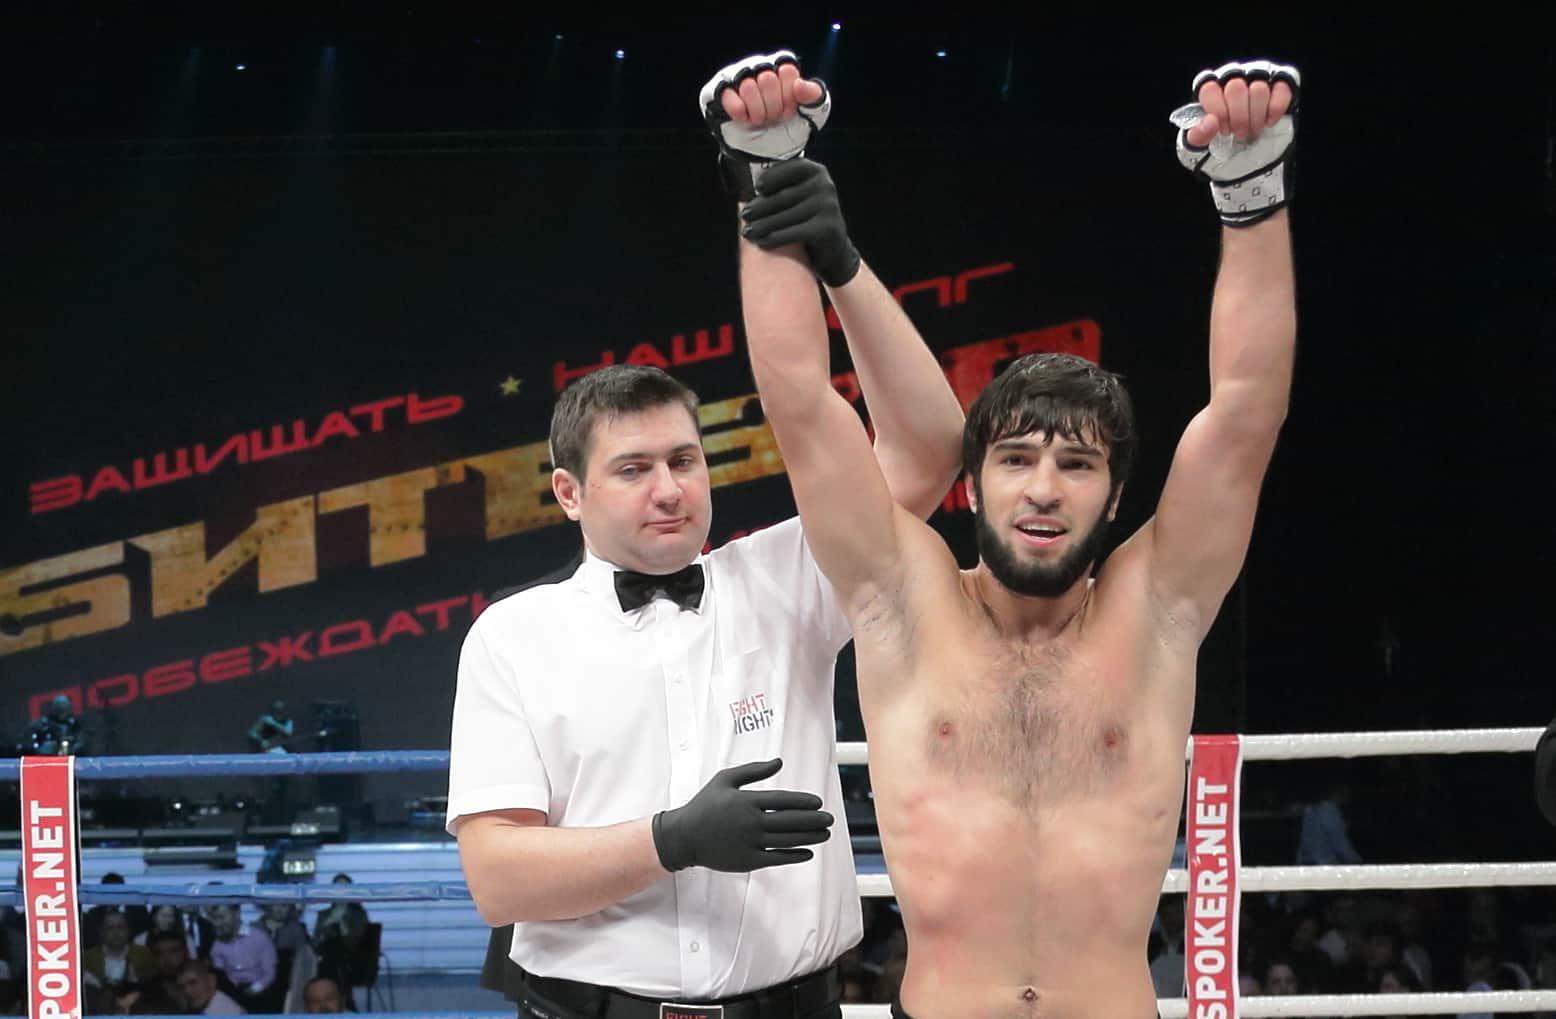 15 февраля Зубайра Тухугов дебютирует в UFC боем с Дугласом Сильвой